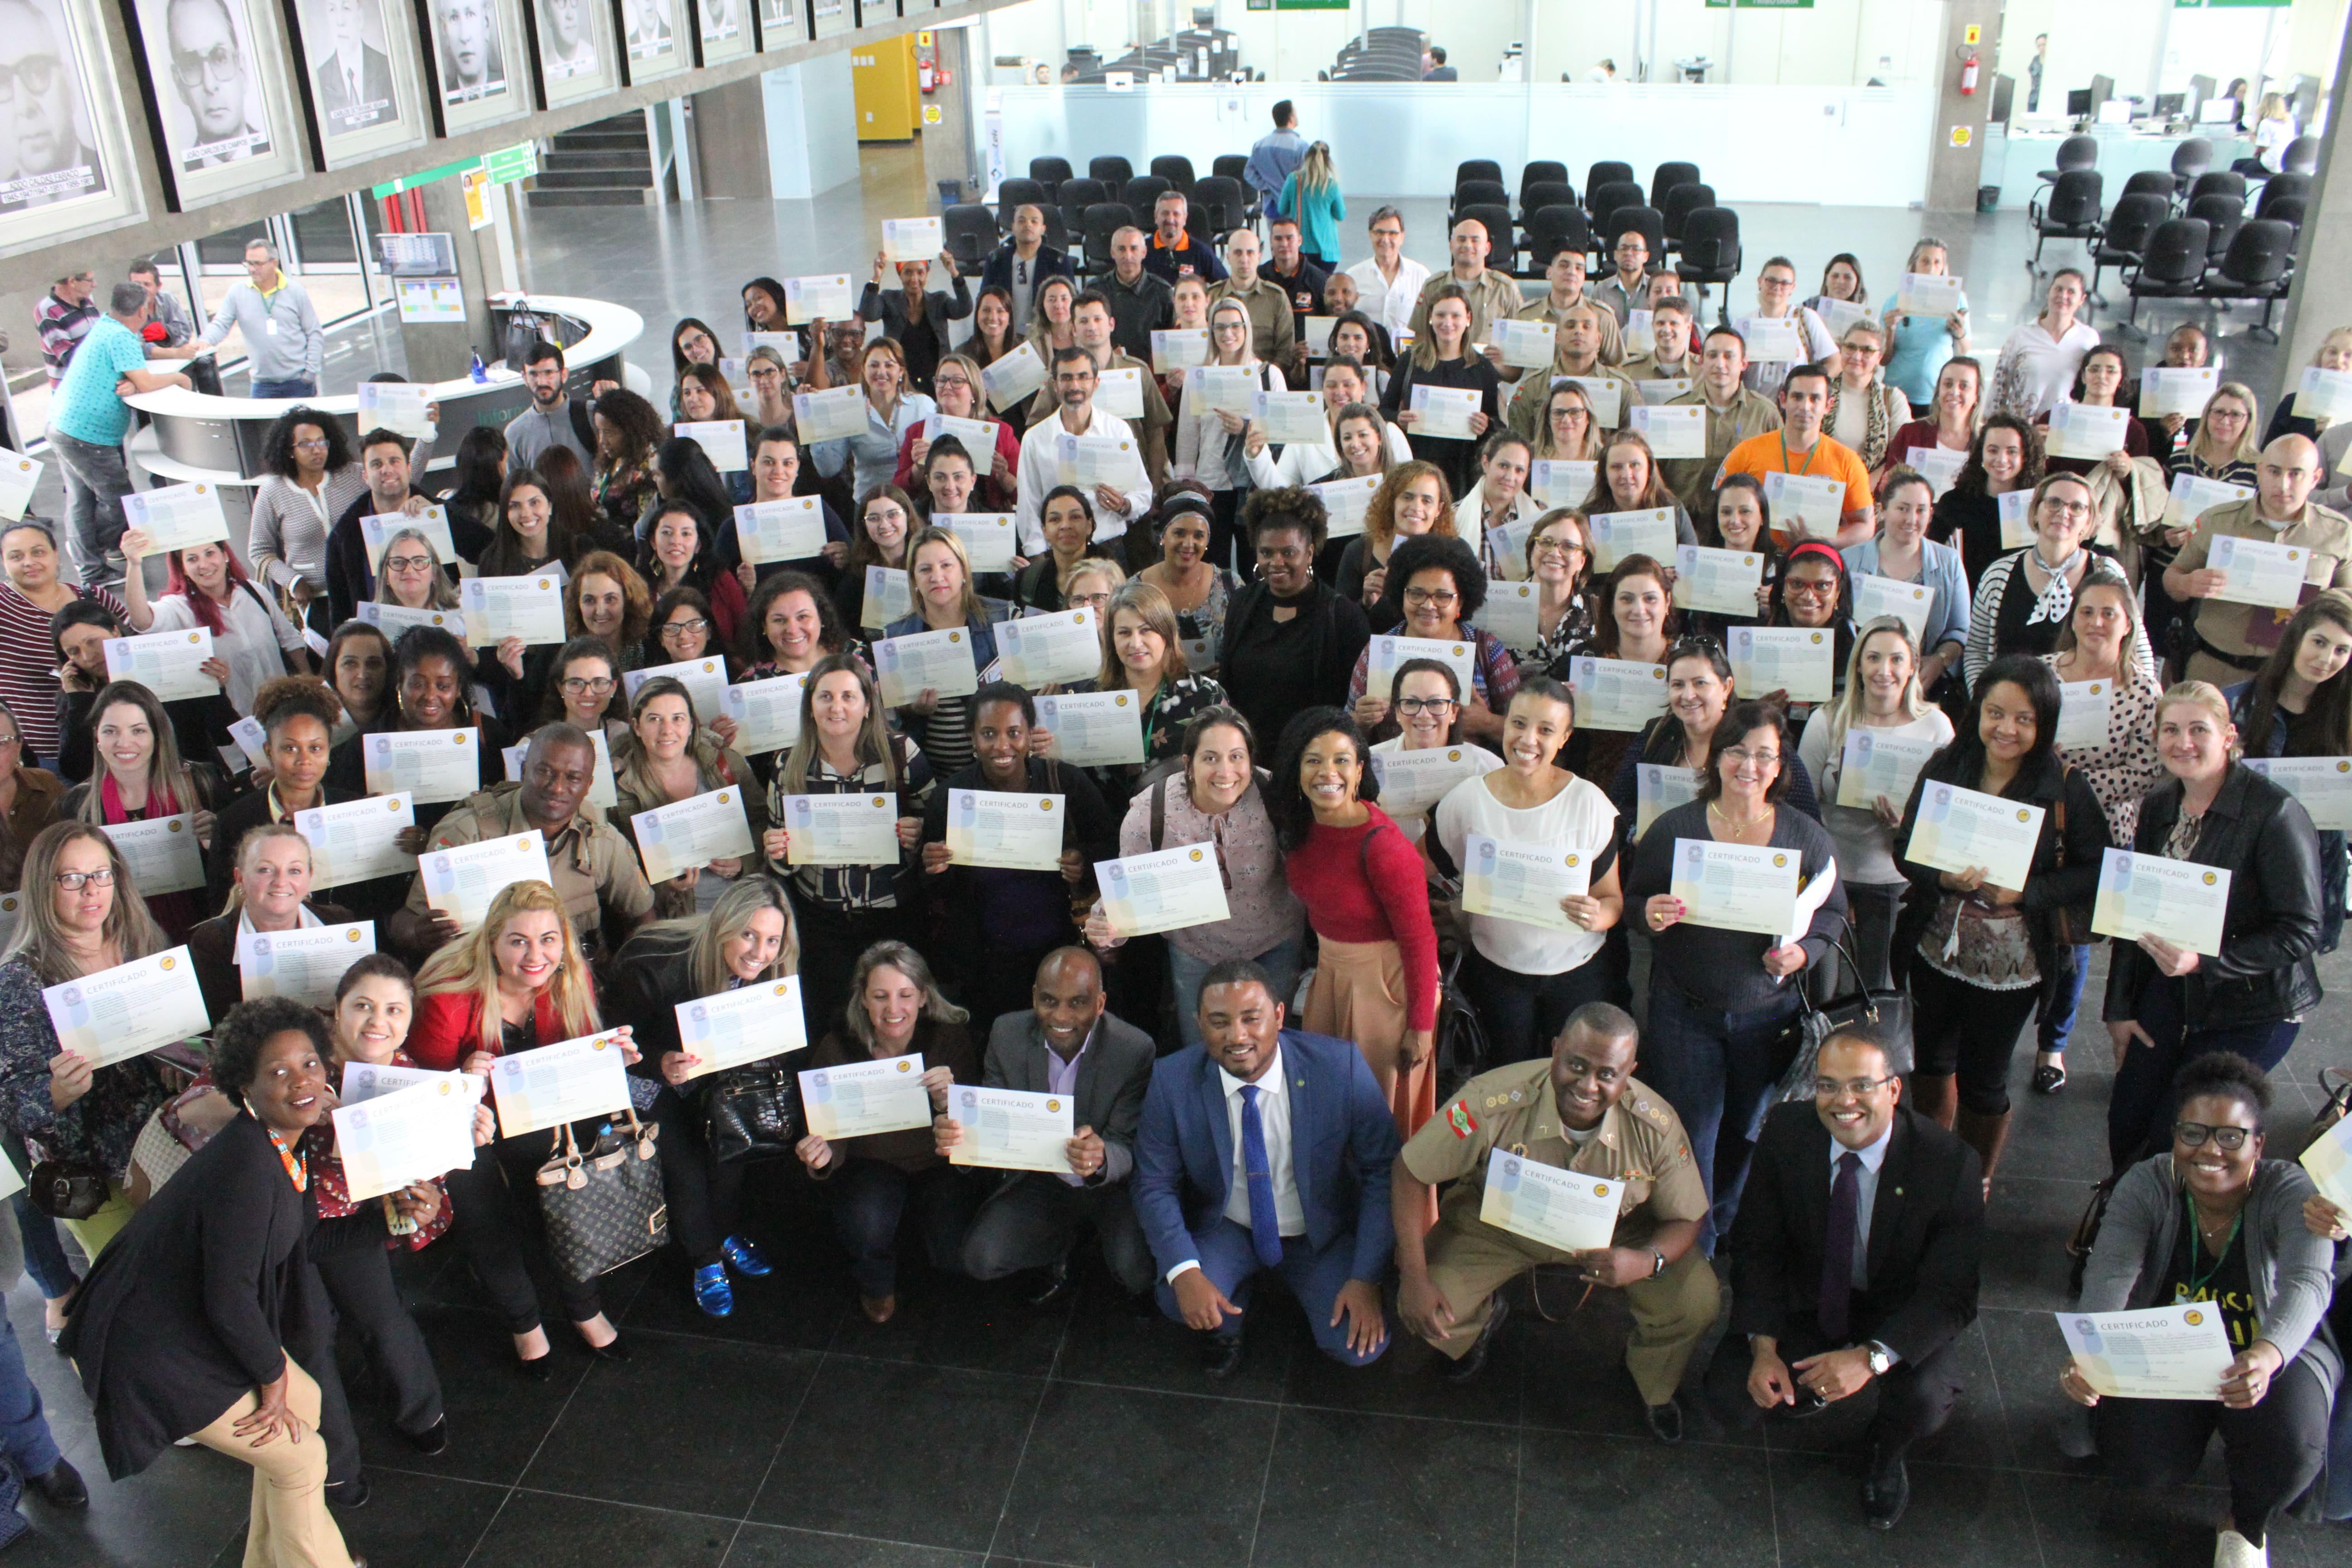 Curso de Mediação Social de Conflitos reúne instituições e sociedade civil em Criciúma